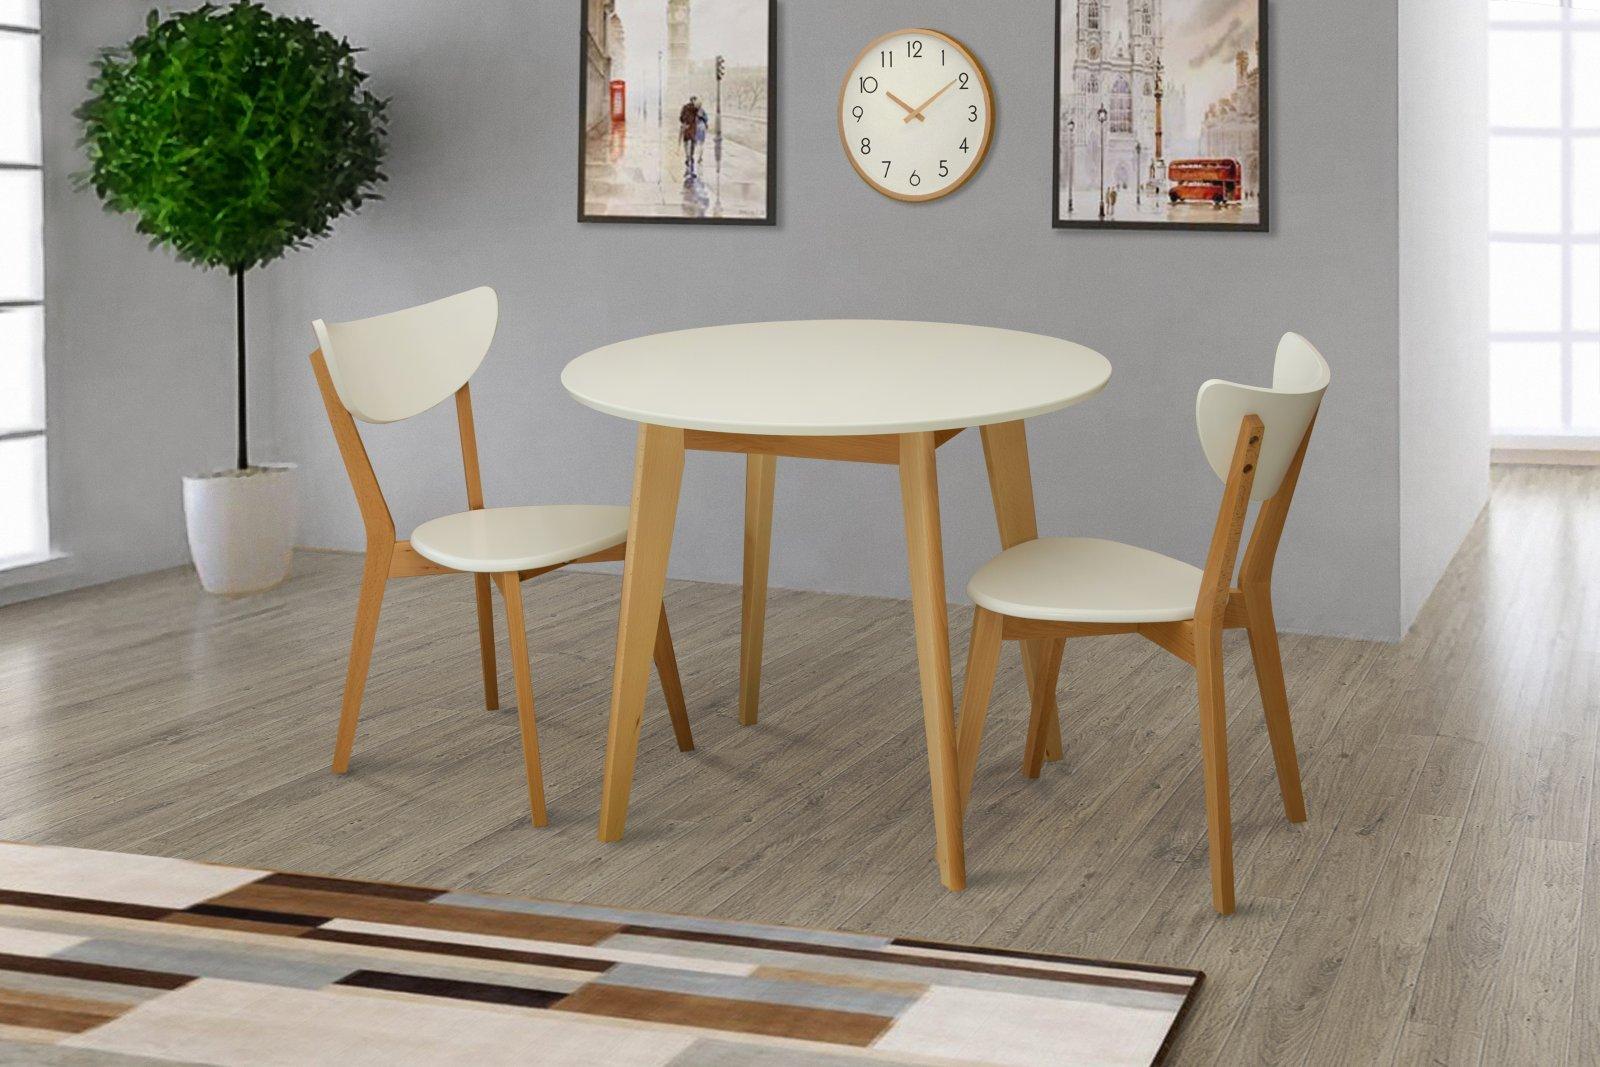 Фото - Стулья и круглый стол Модерн